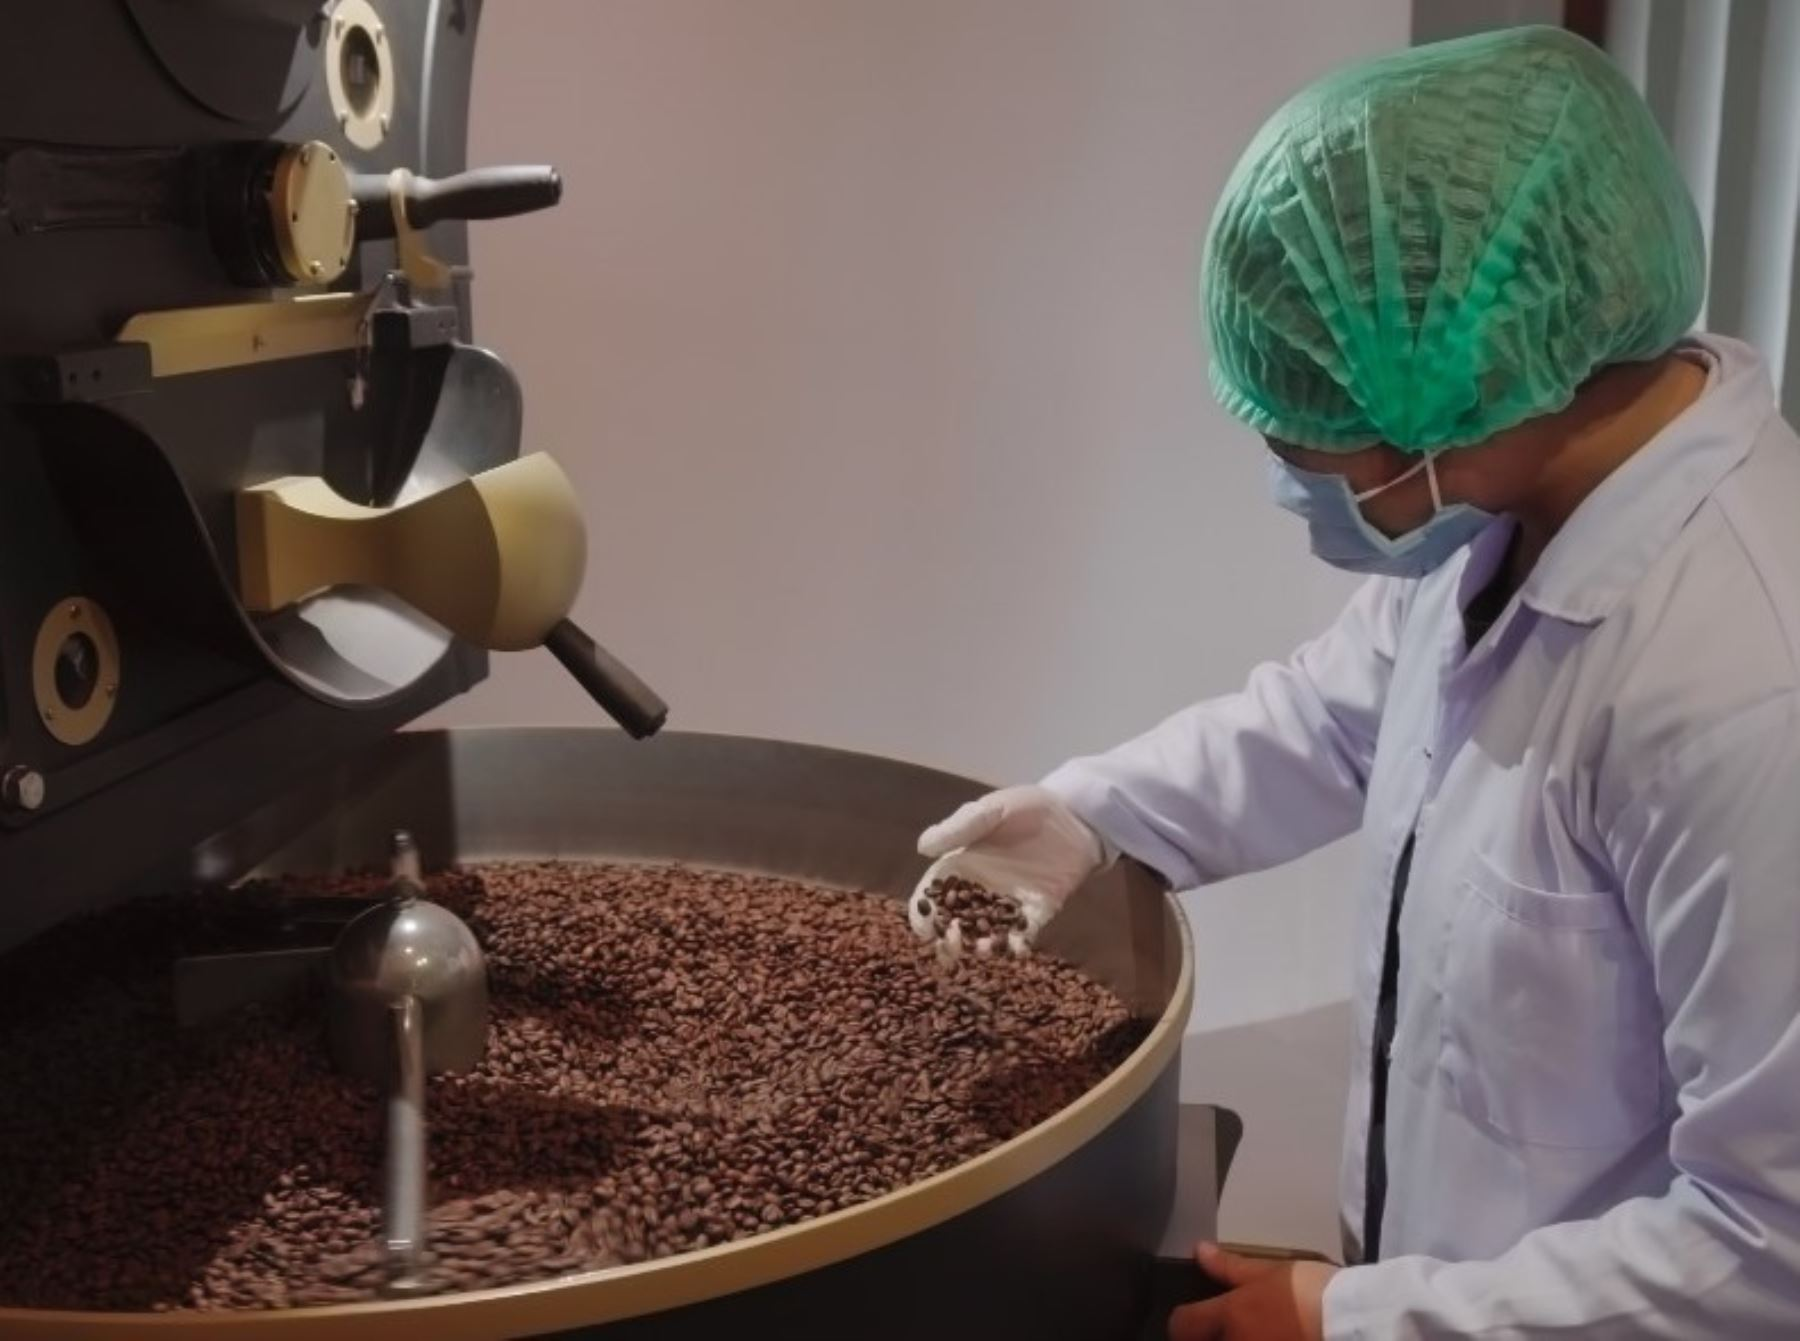 Conoce las normas técnicas peruanas y guías especializadas elaboradas por Inacal para impulsar la calidad en la cadena de valor del café peruano. ANDINA/Difusión